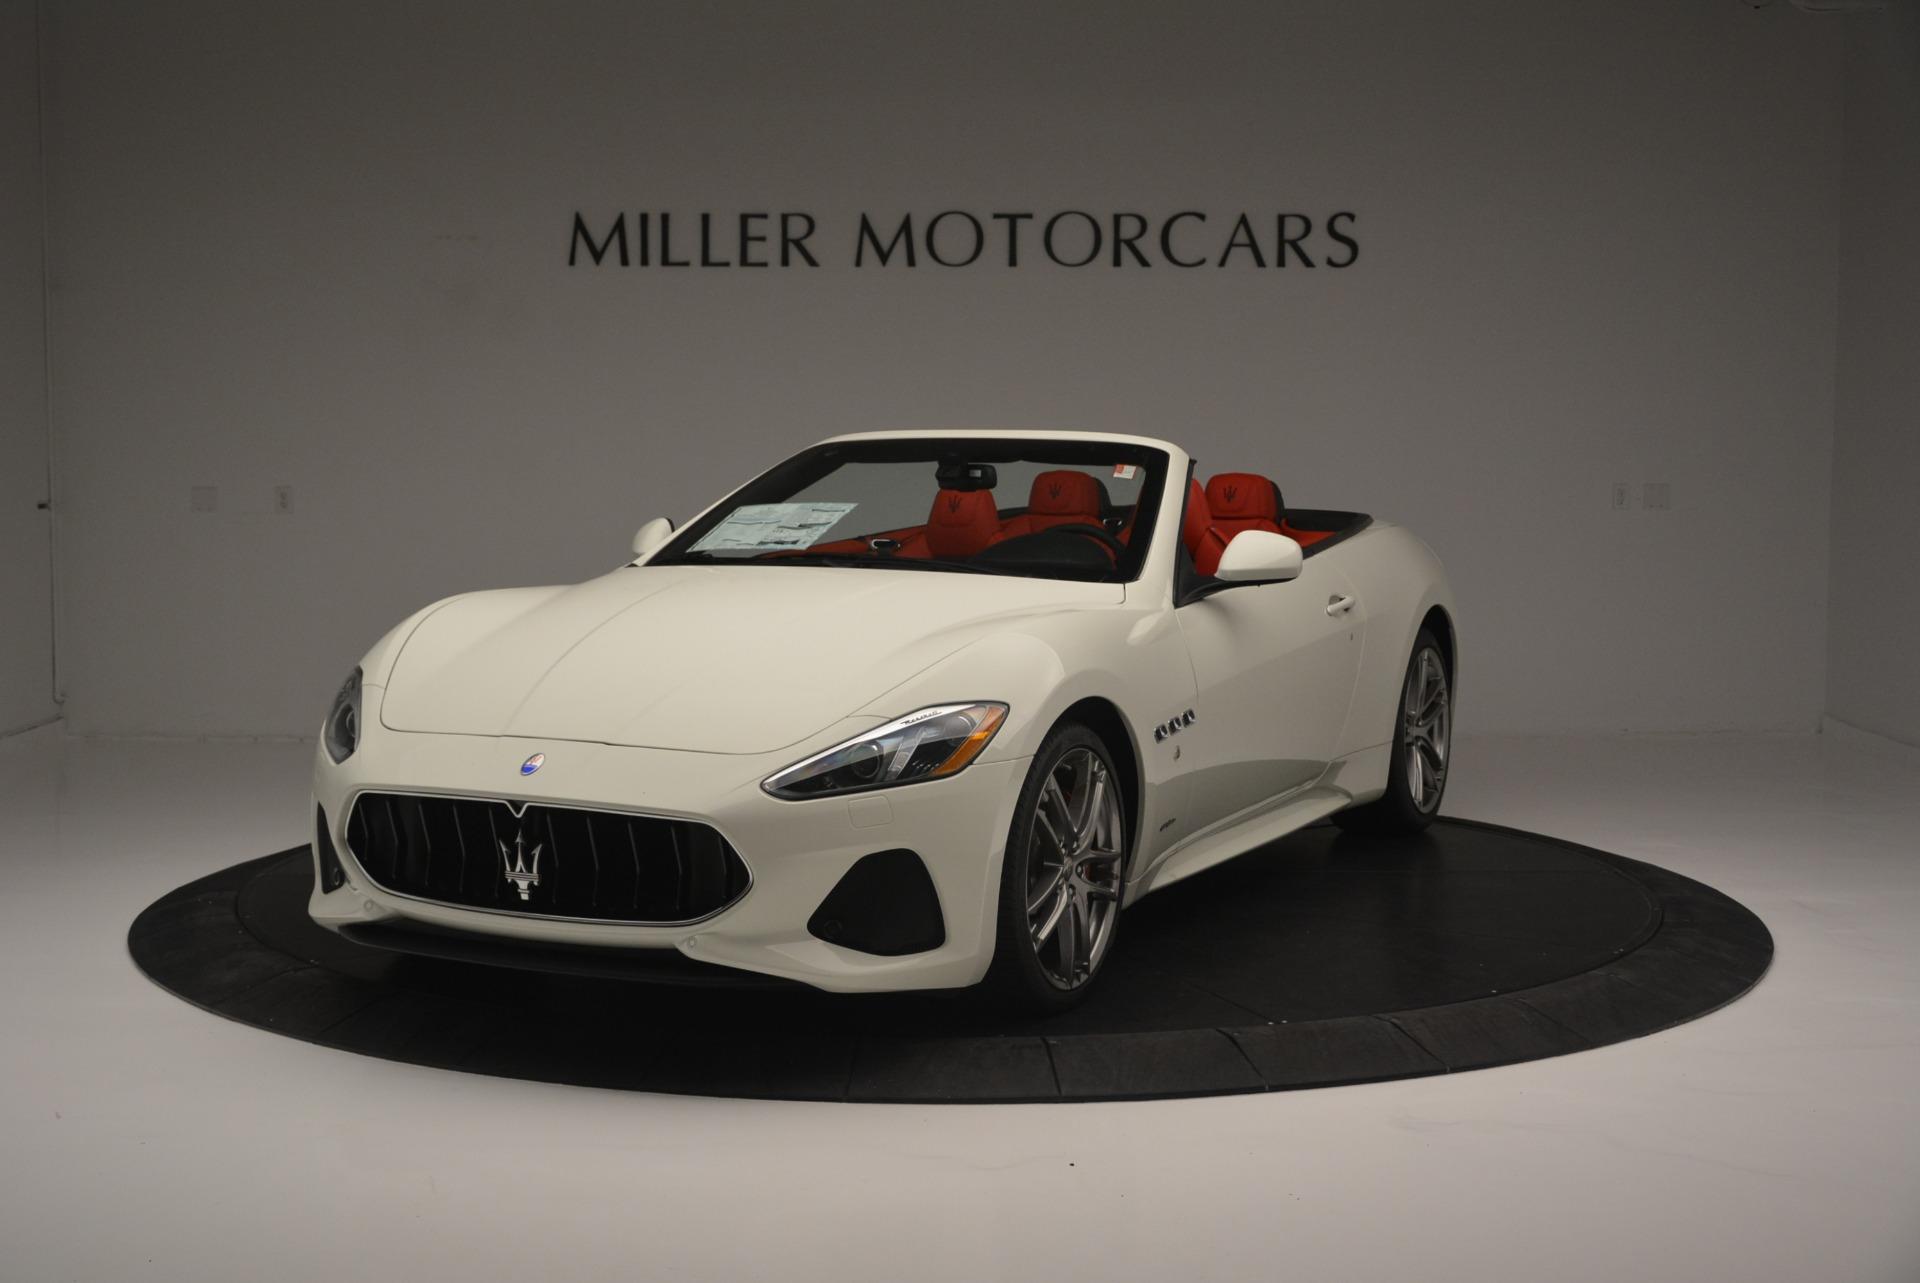 New 2018 Maserati GranTurismo Sport For Sale In Greenwich, CT 2187_main